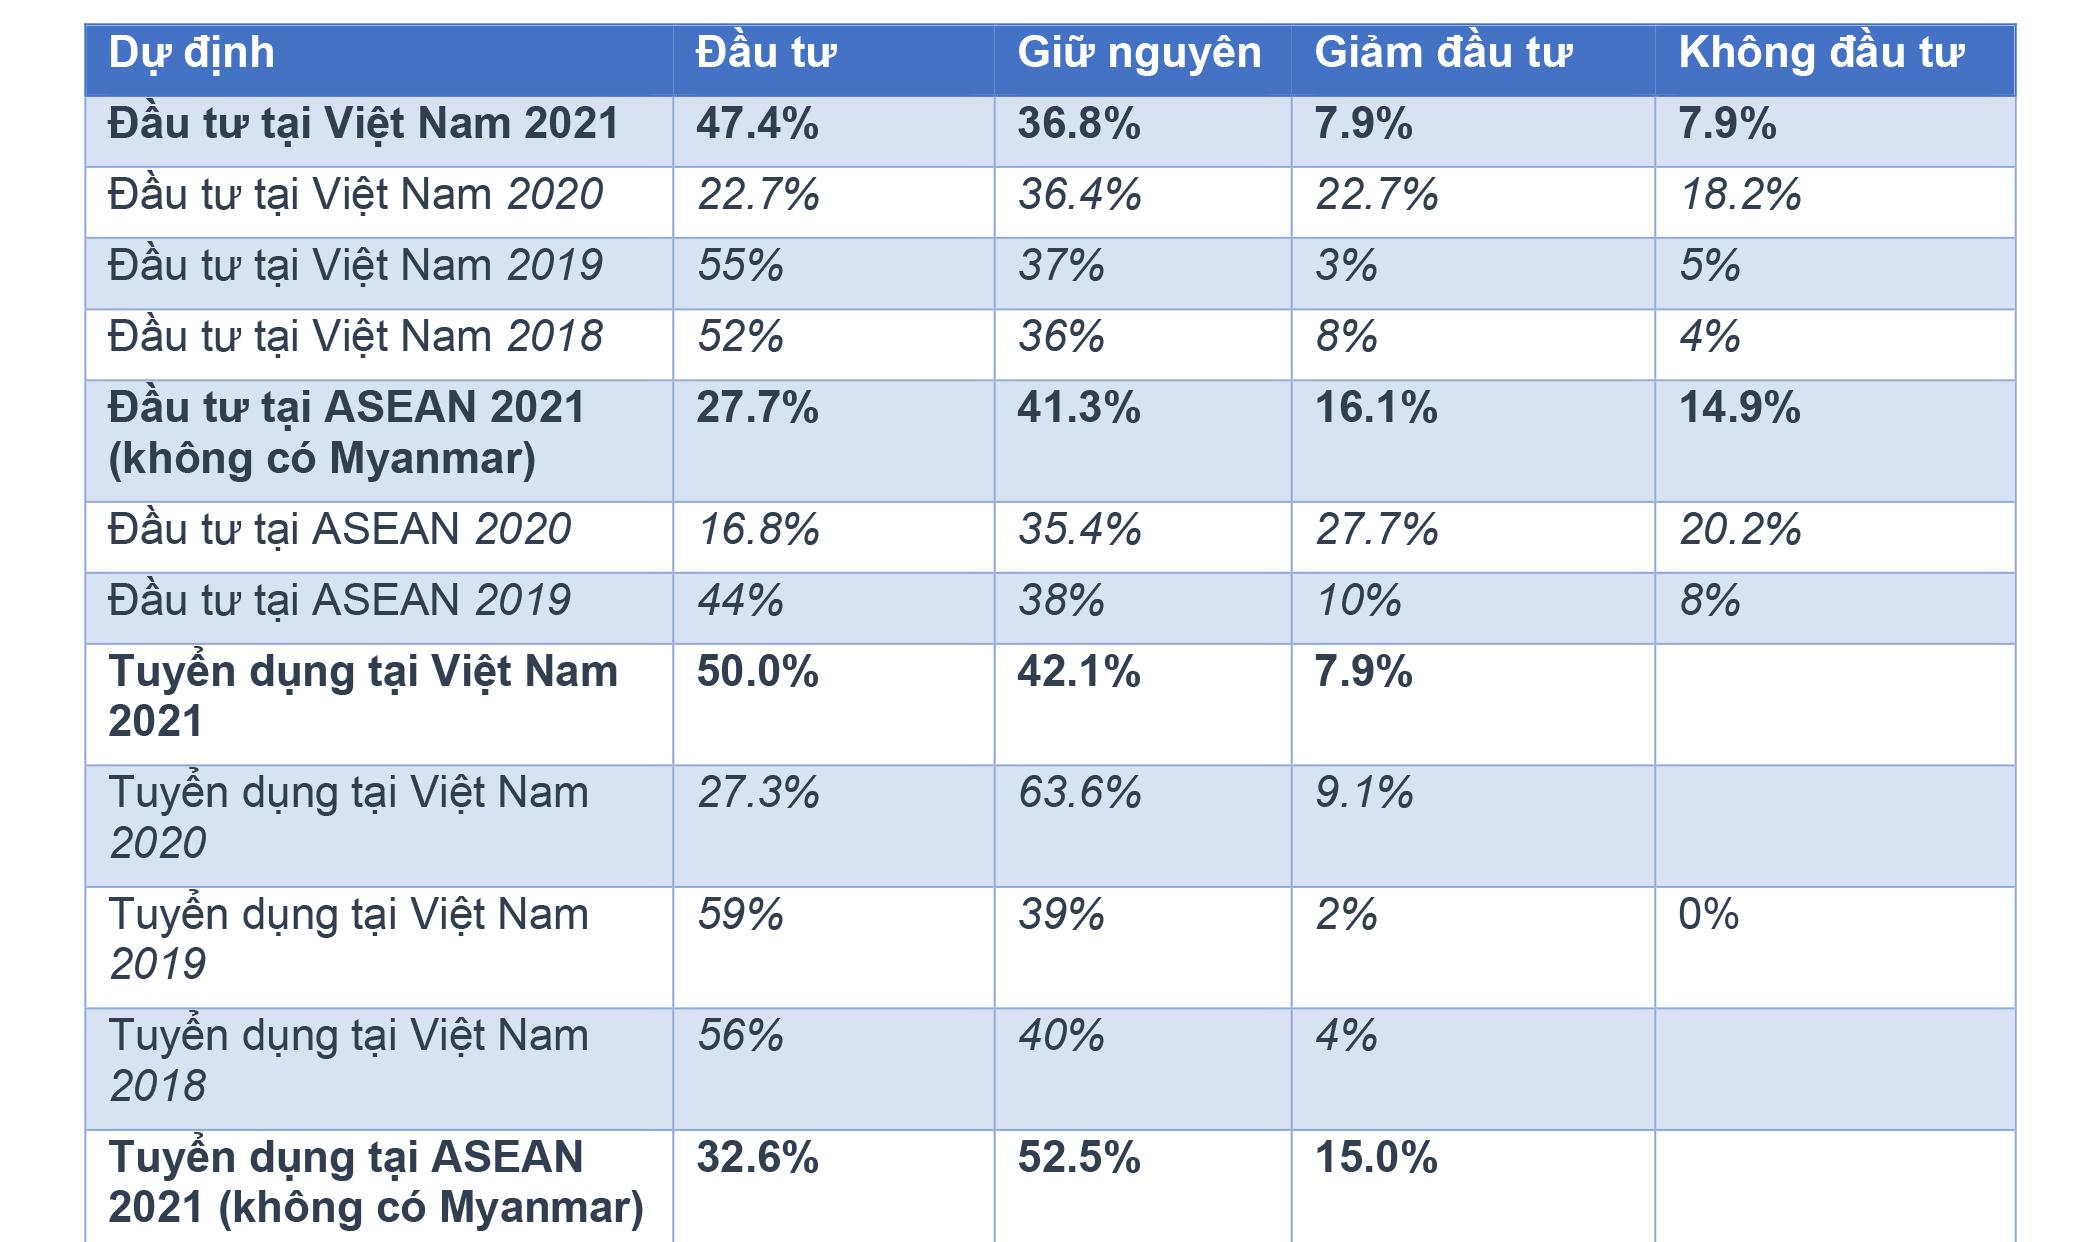 Nhiều doanh nghiệp Đức muốn mở rộng kinh doanh tại Việt Nam